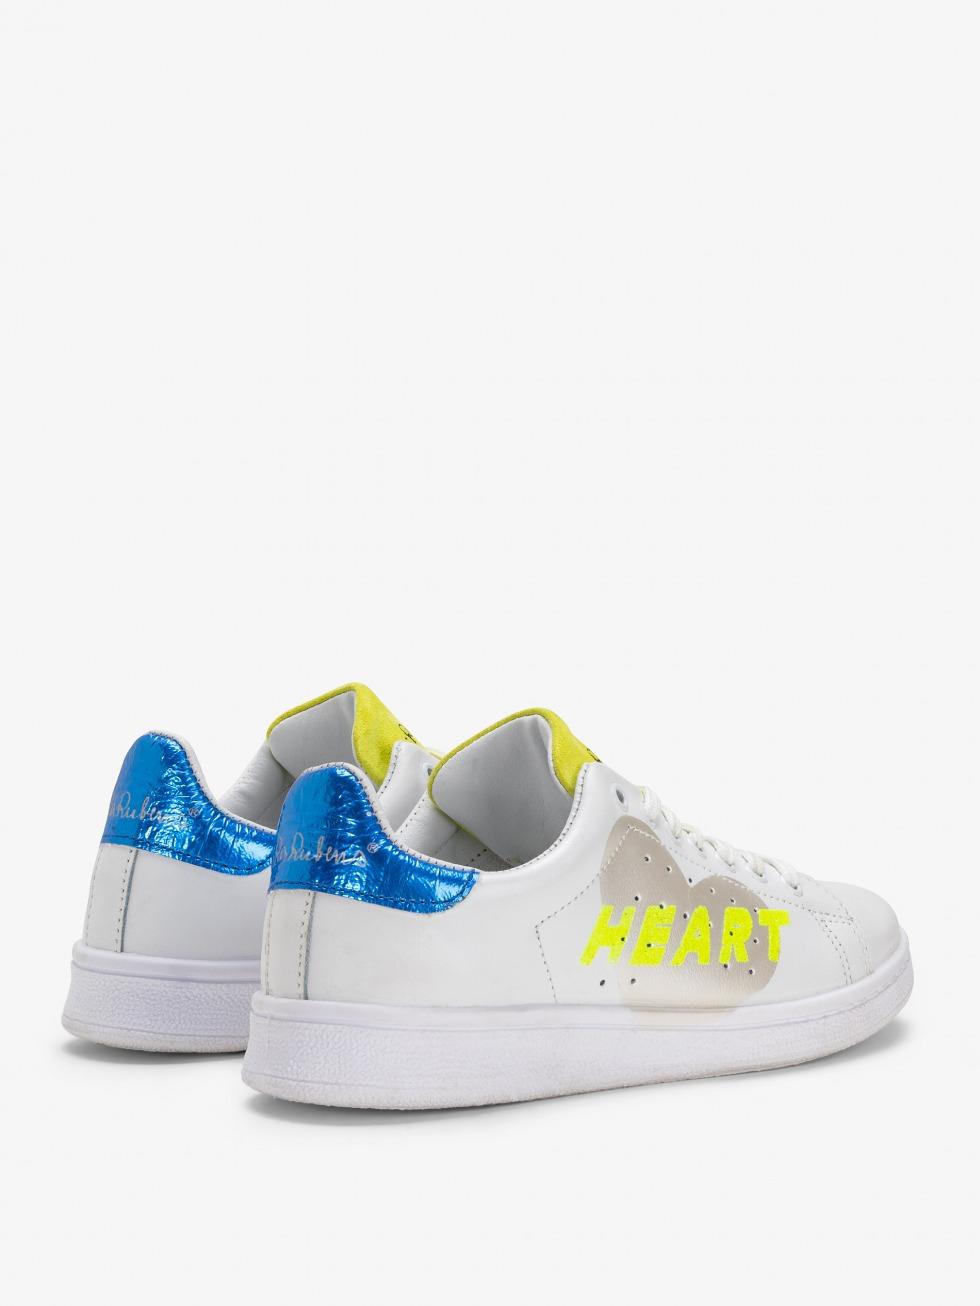 Daiquiri Sneakers - Space Electric Glitter Heart